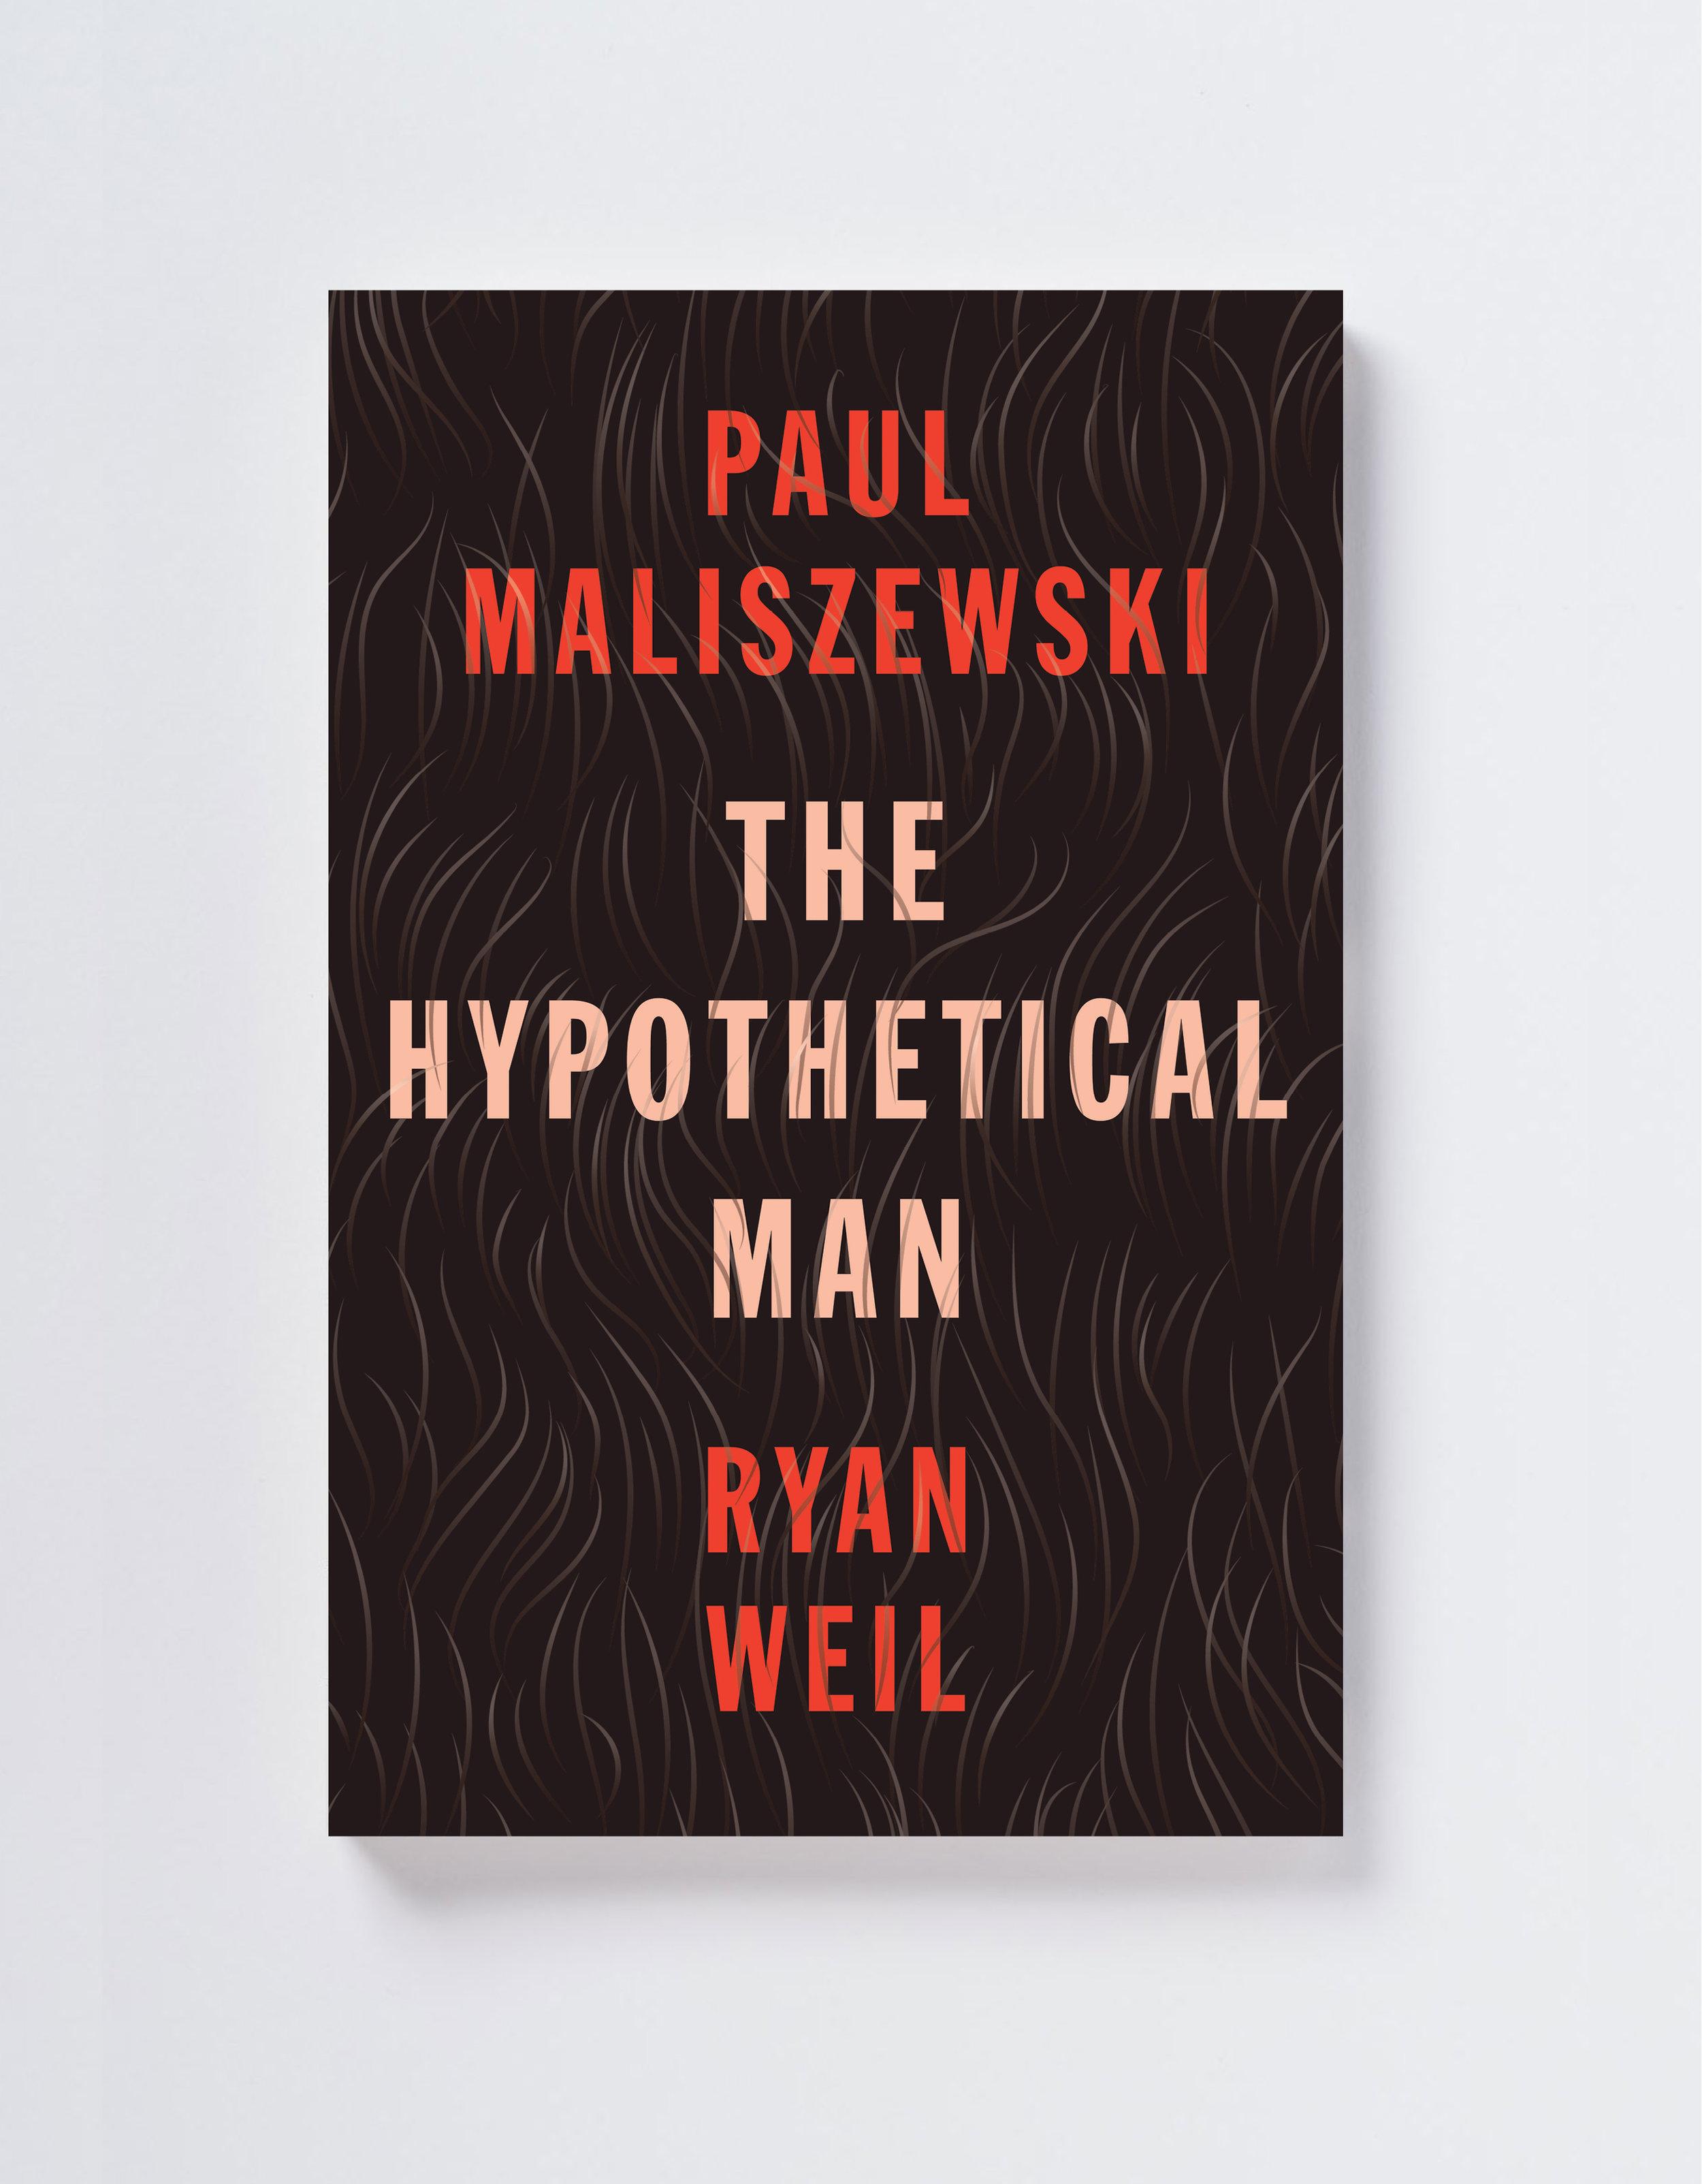 THE HYPOTHETICAL MAN  by Paul Maliszewski & Ryan Weil